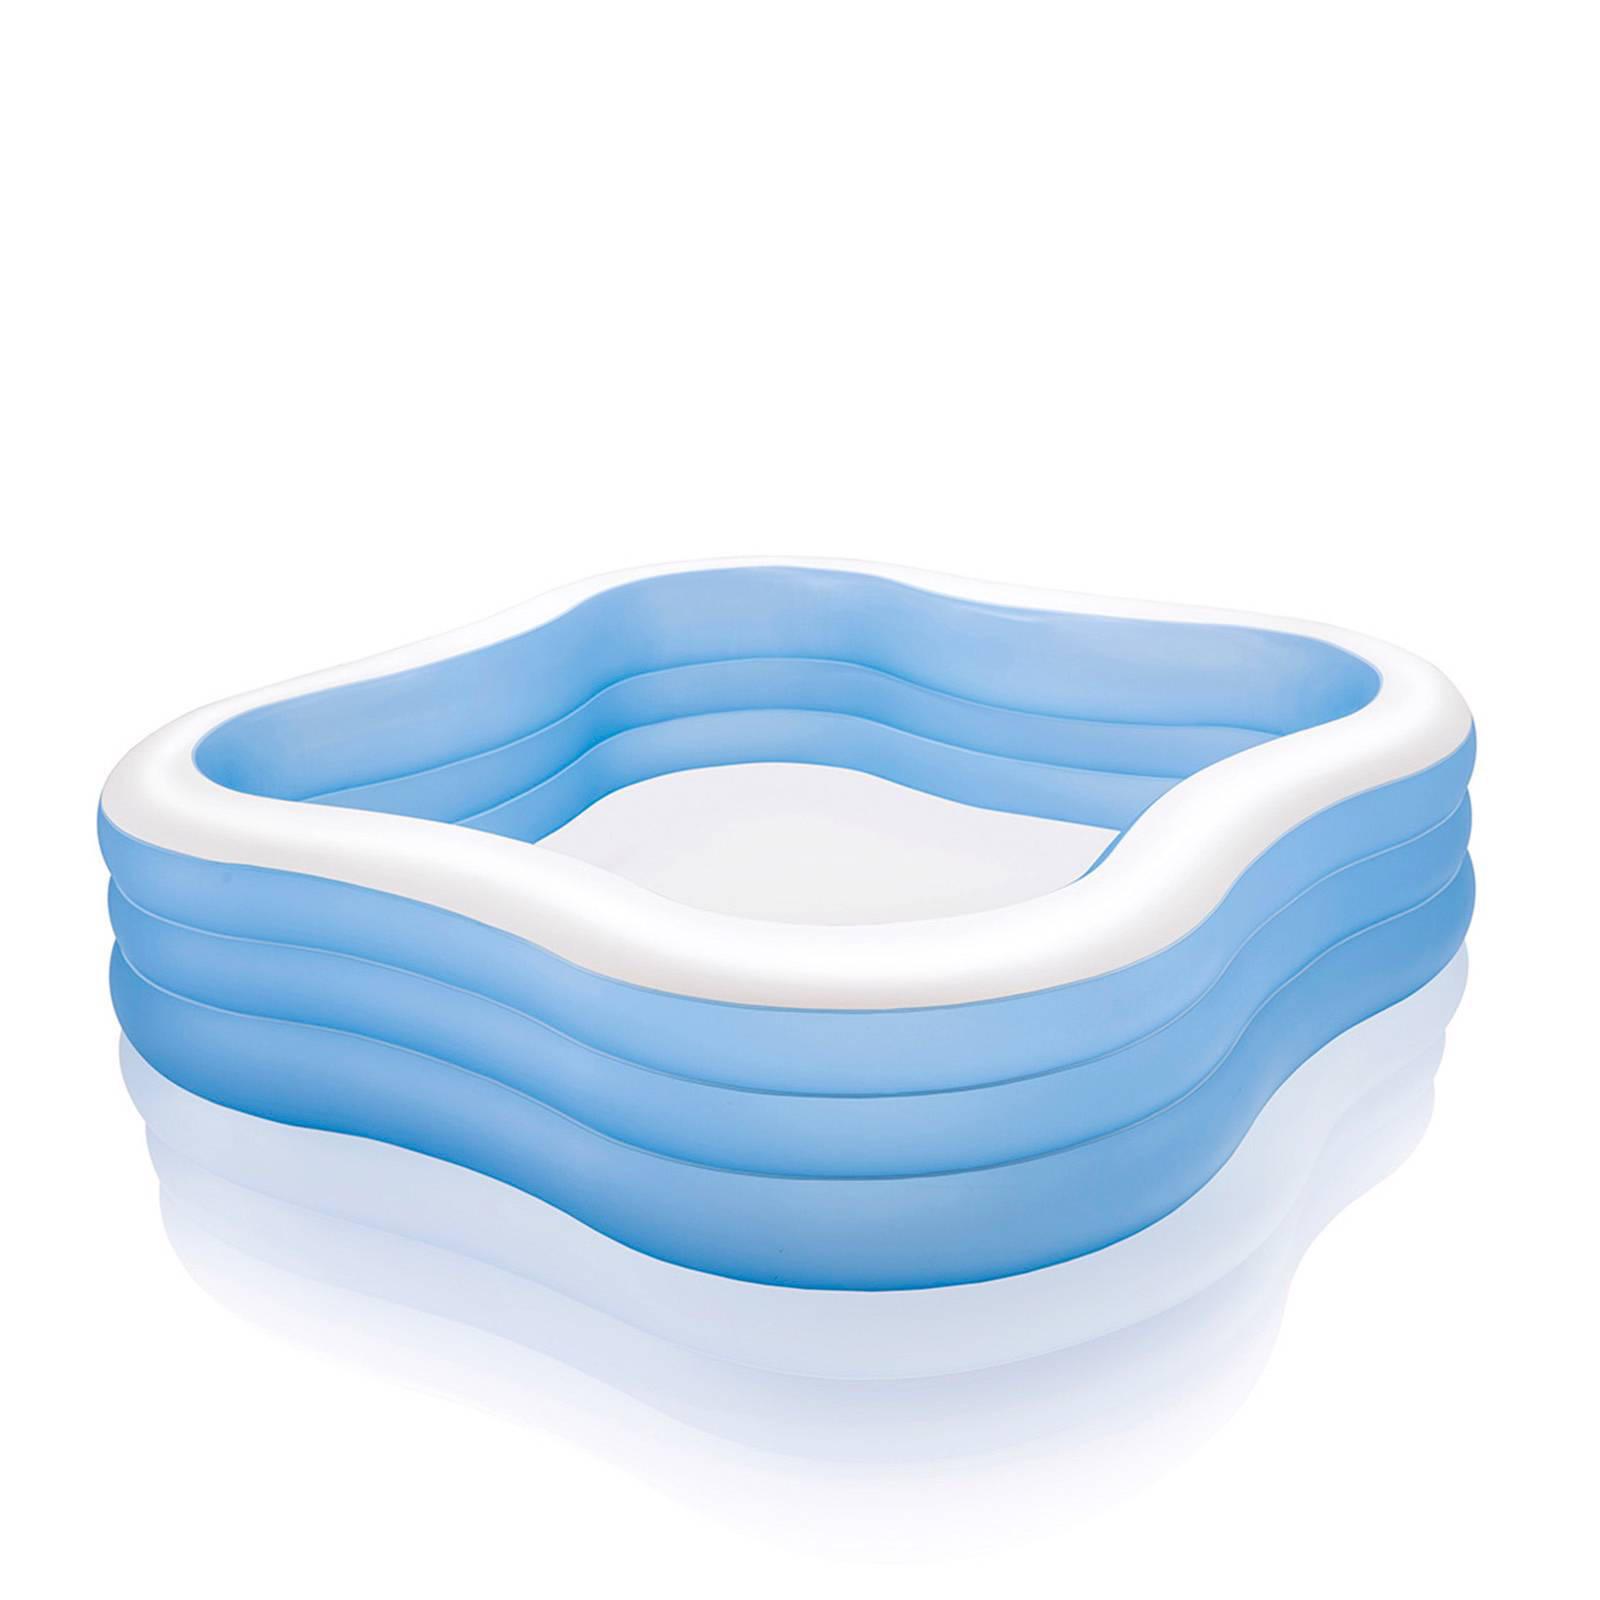 Opblaasbare Zwembaden Bij Wehkamp Gratis Bezorging Vanaf 20